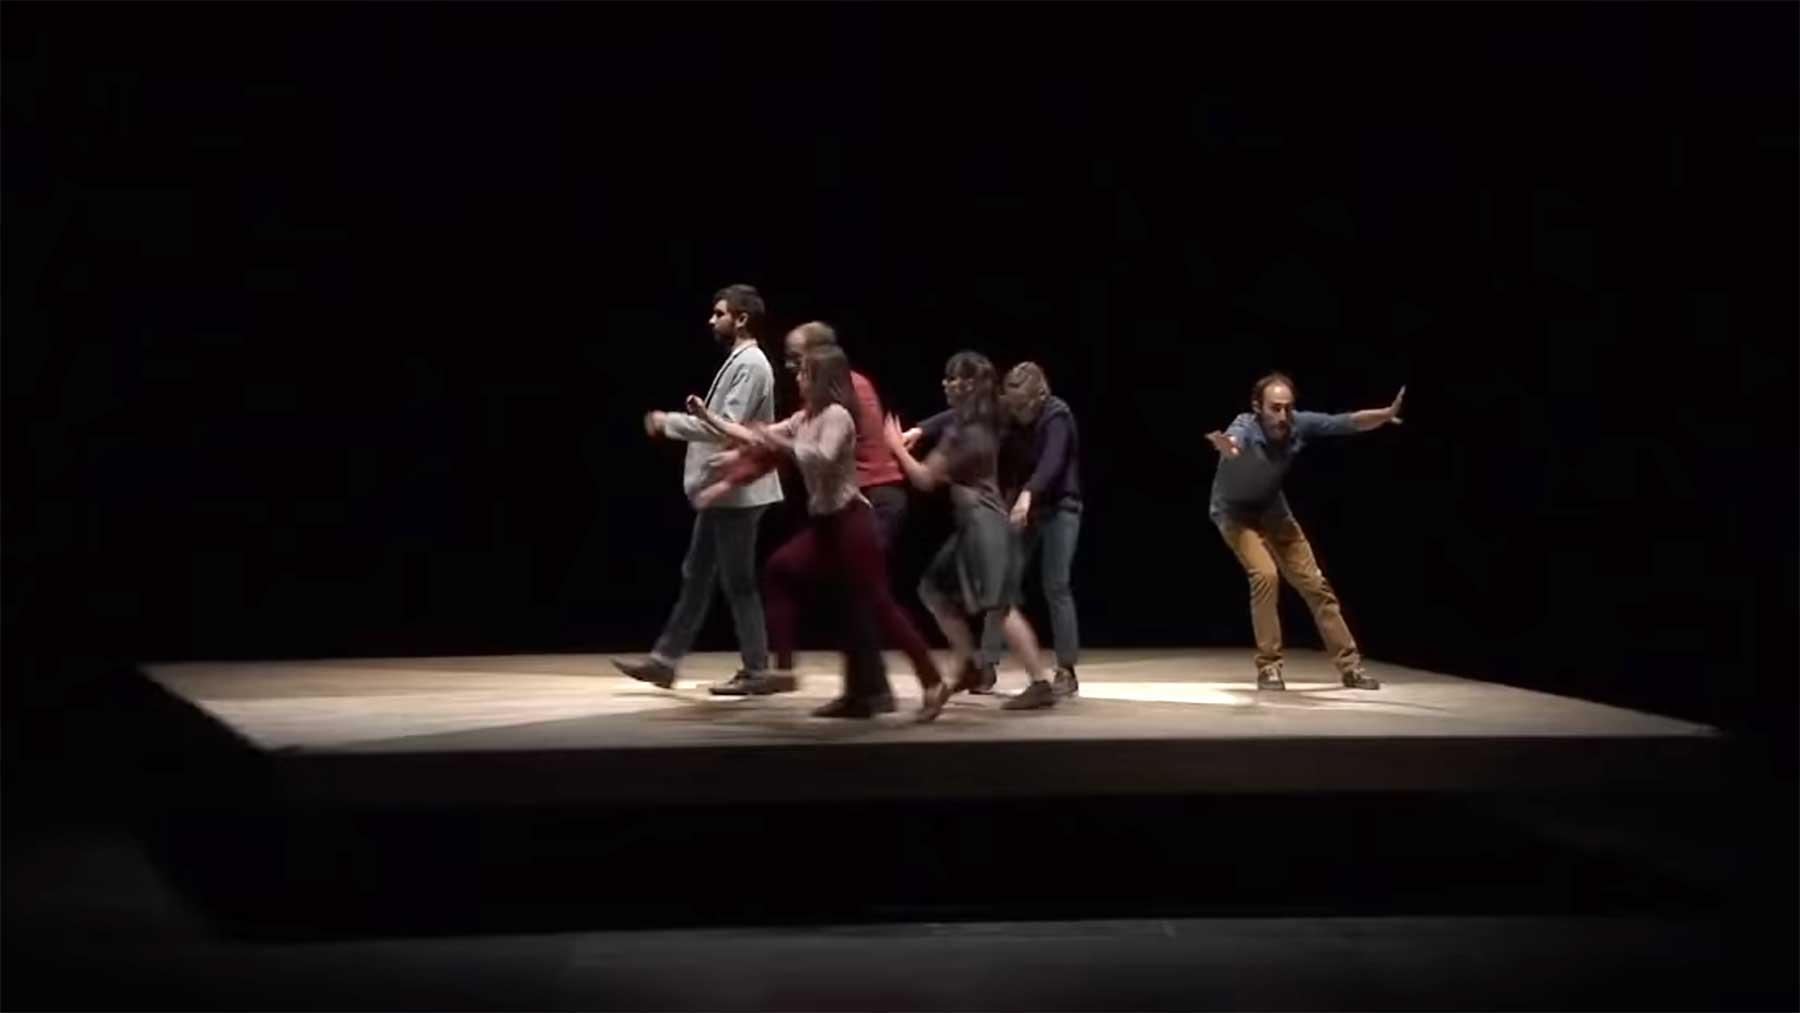 Choreographie auf Drehscheibe